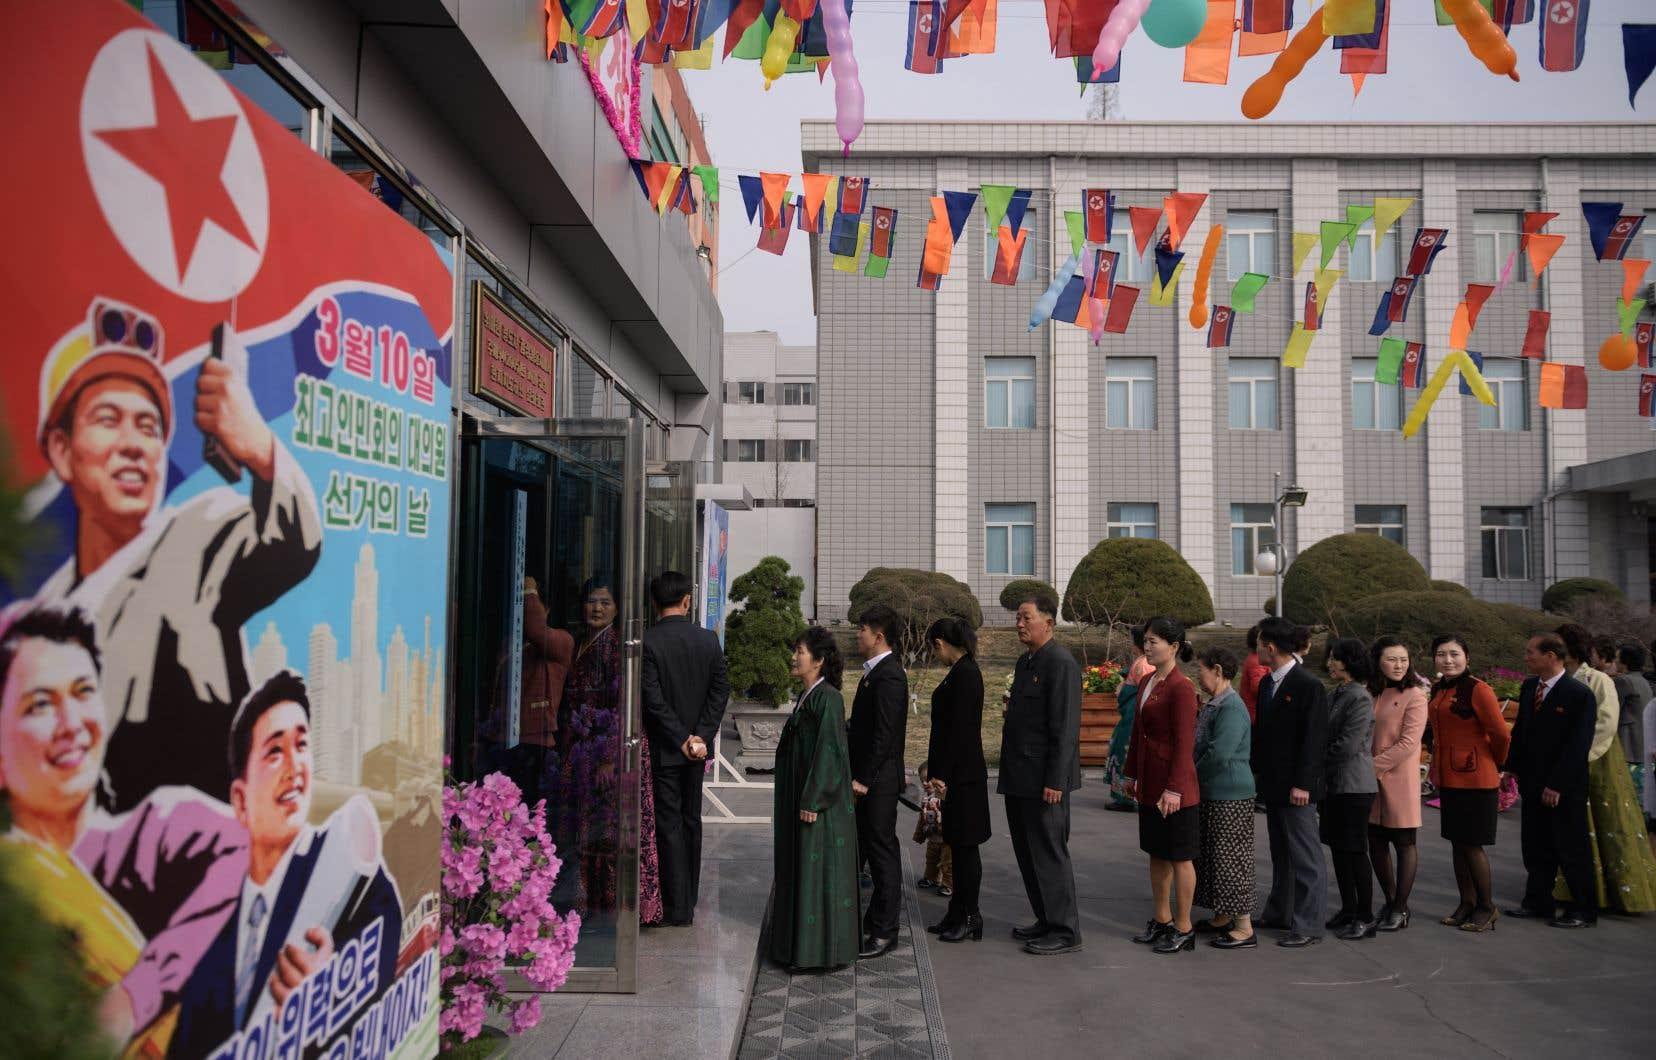 Tous les cinq ans se tiennent des élections législatives pour désigner les membres de l'Assemblée suprême du peuple, le Parlement nord-coréen.